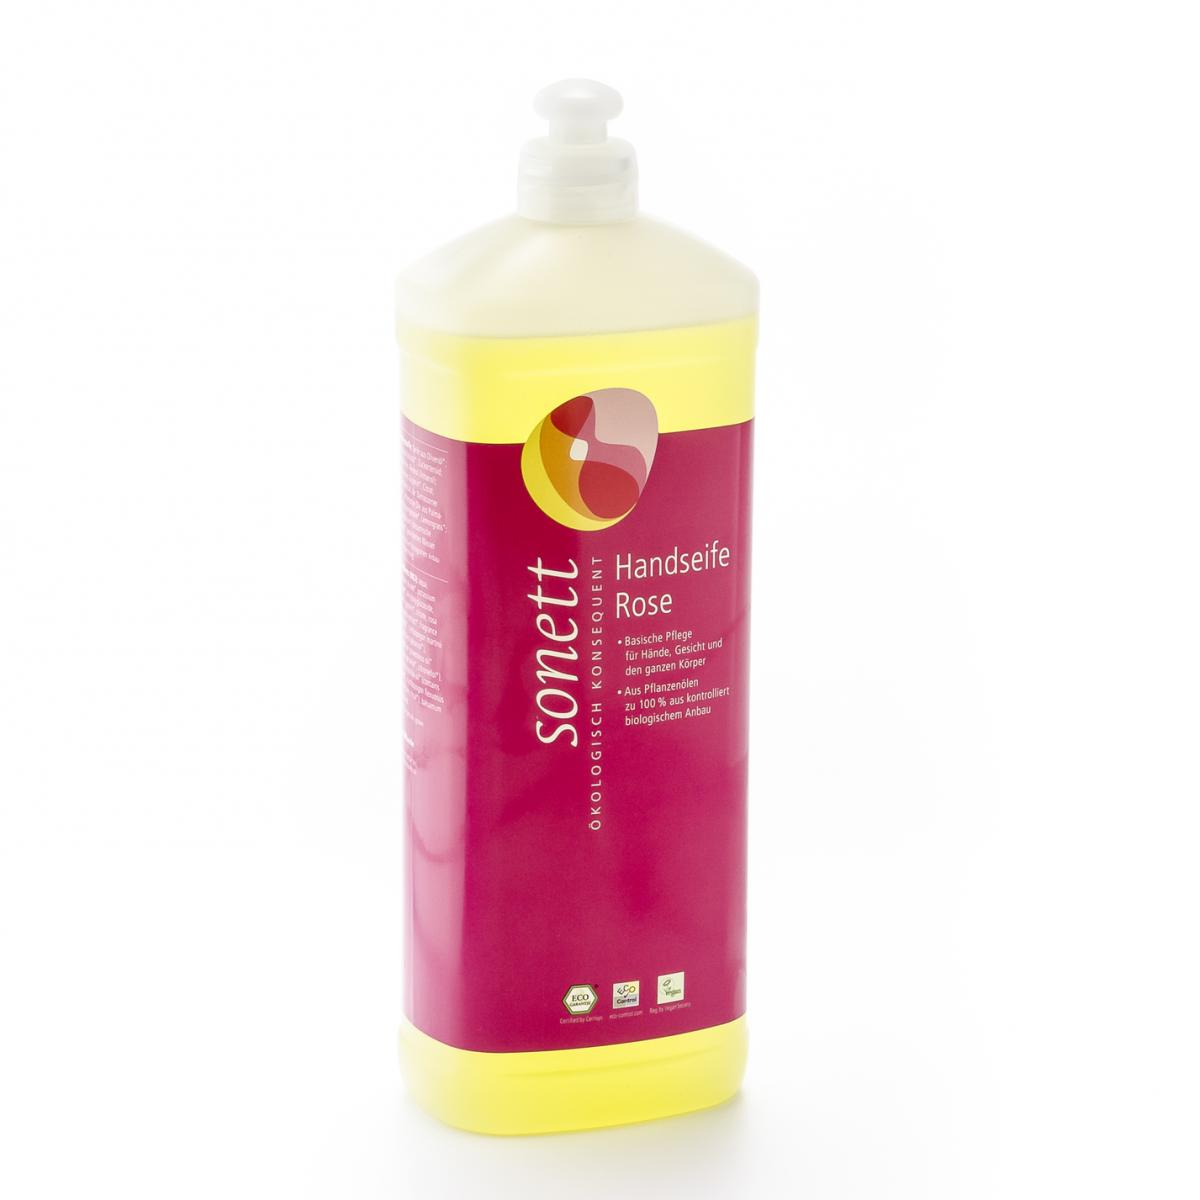 Handseife Rose, Nachfüllflasche Flasche 1 l/Plastik Einweg - Sonett